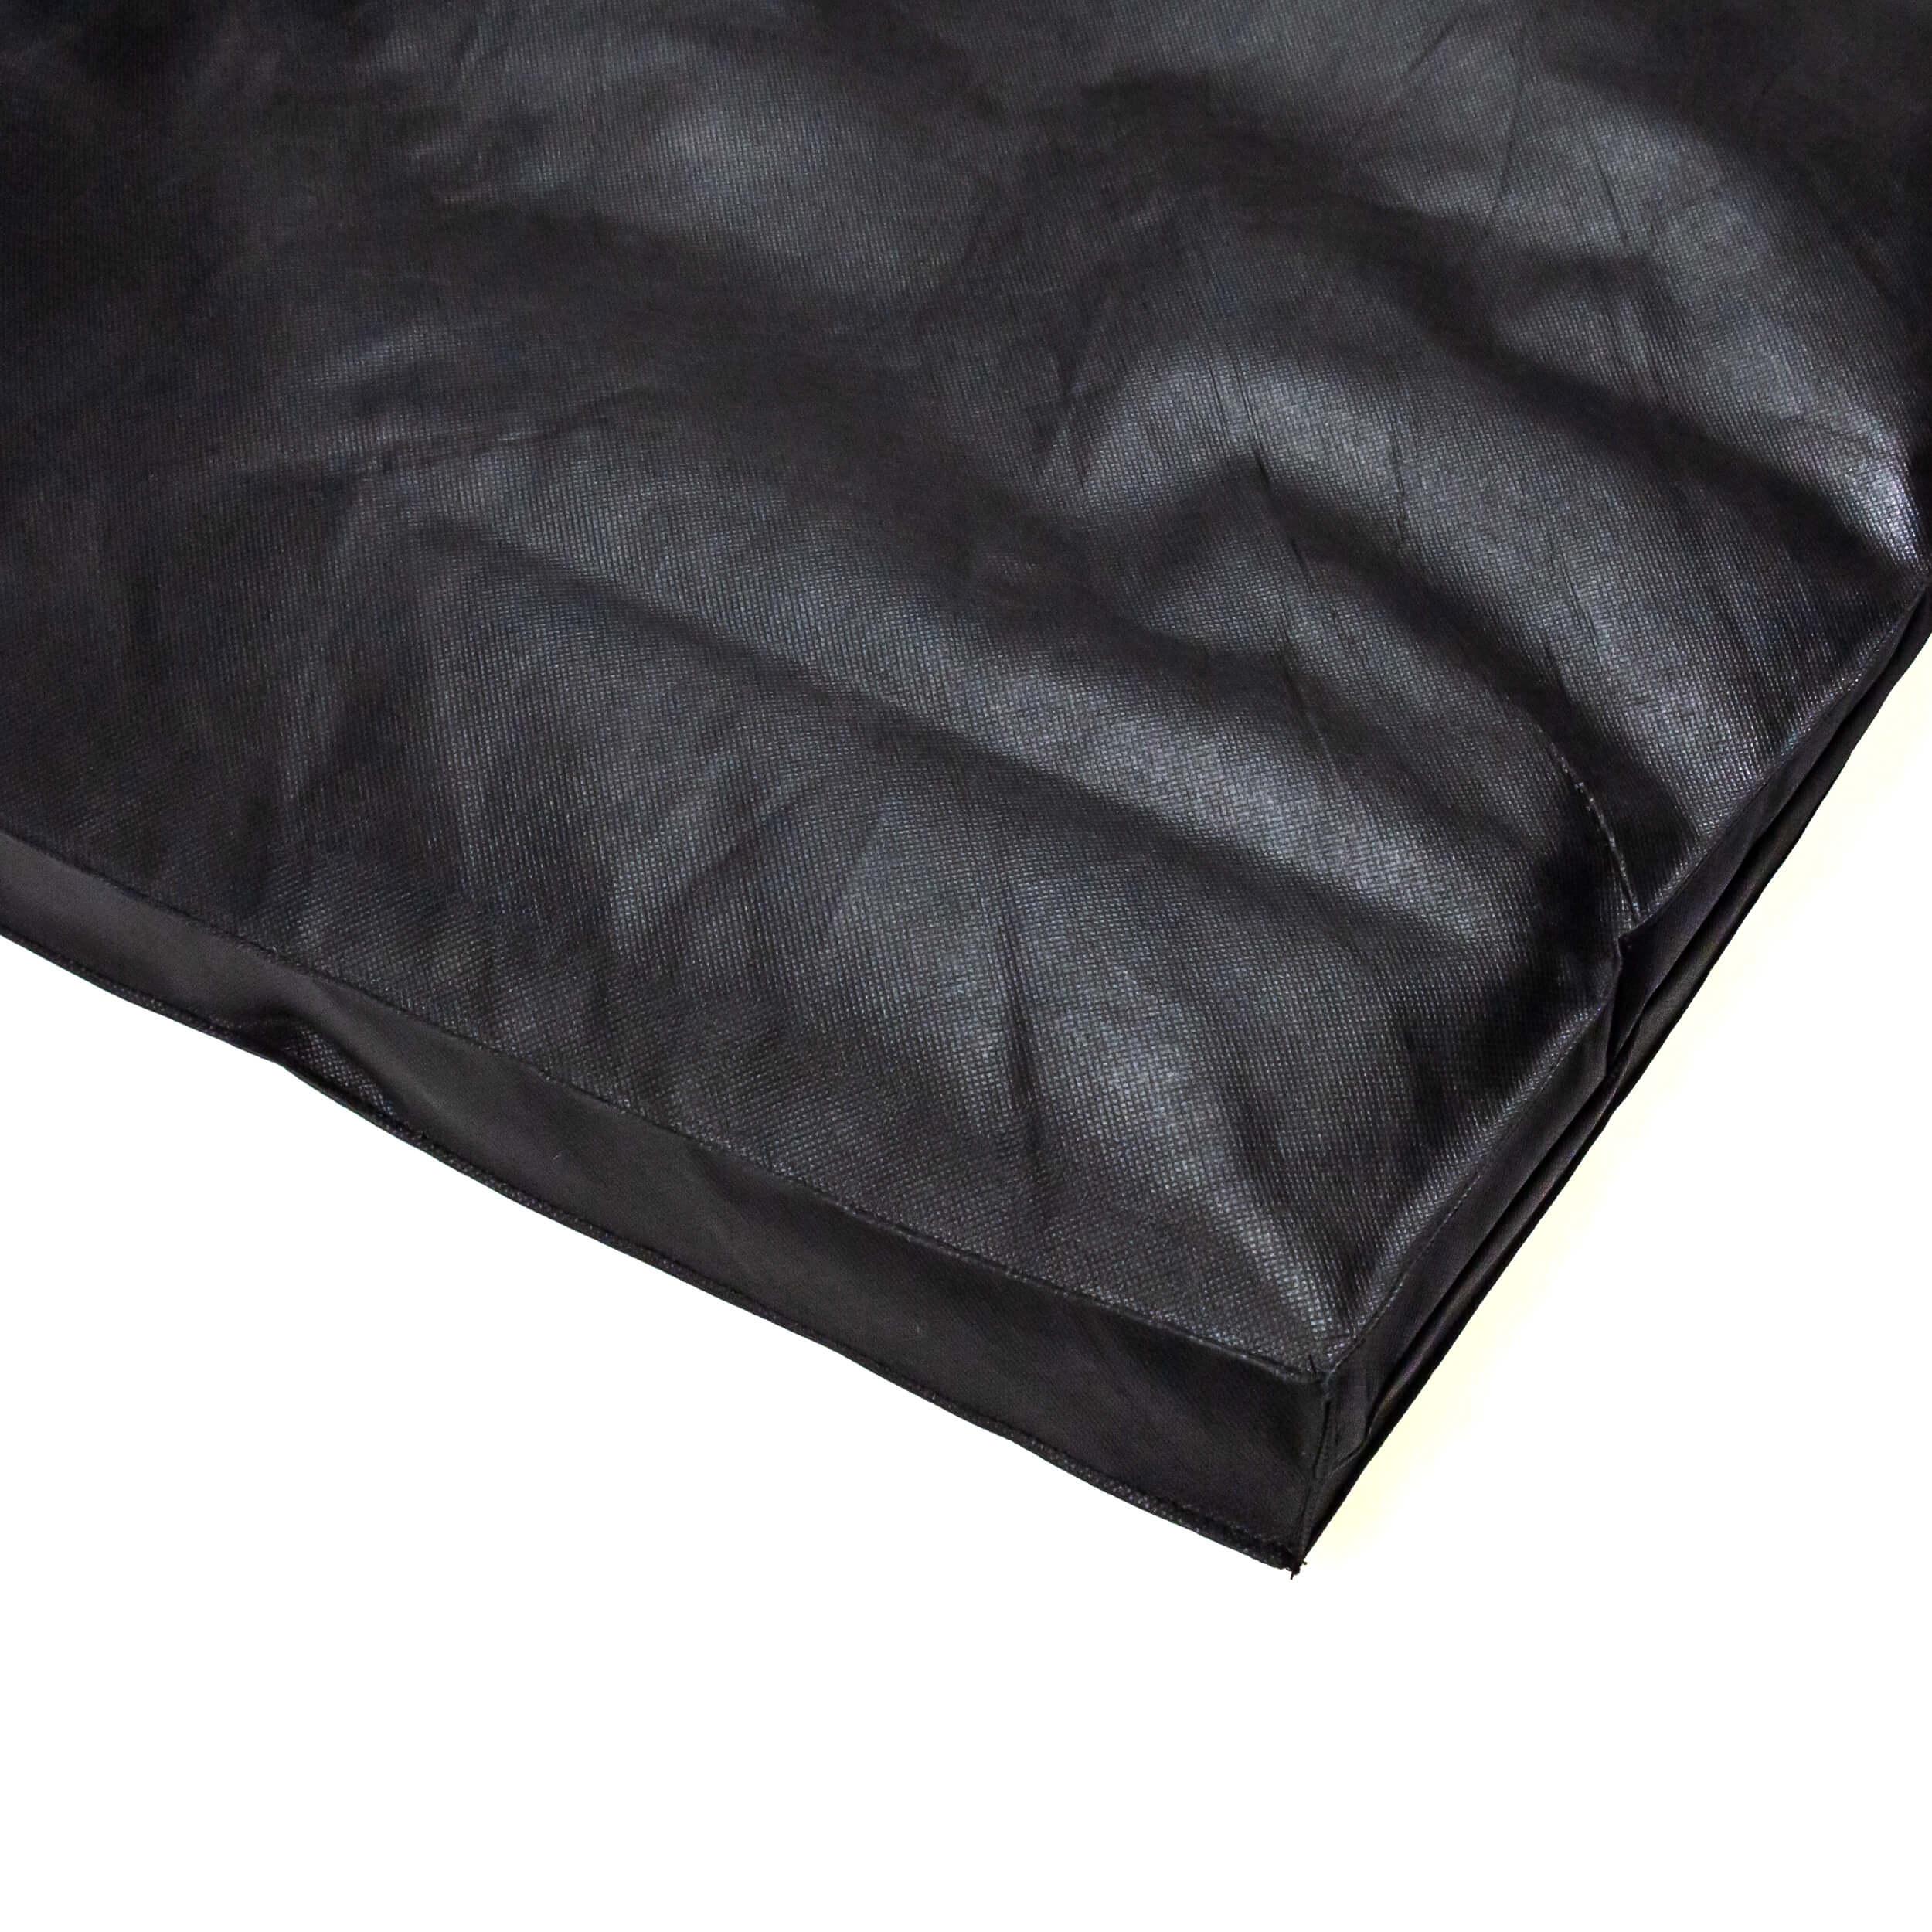 Подушка для улья 450х520 (агротекс, для 10 рамочного улья) фото